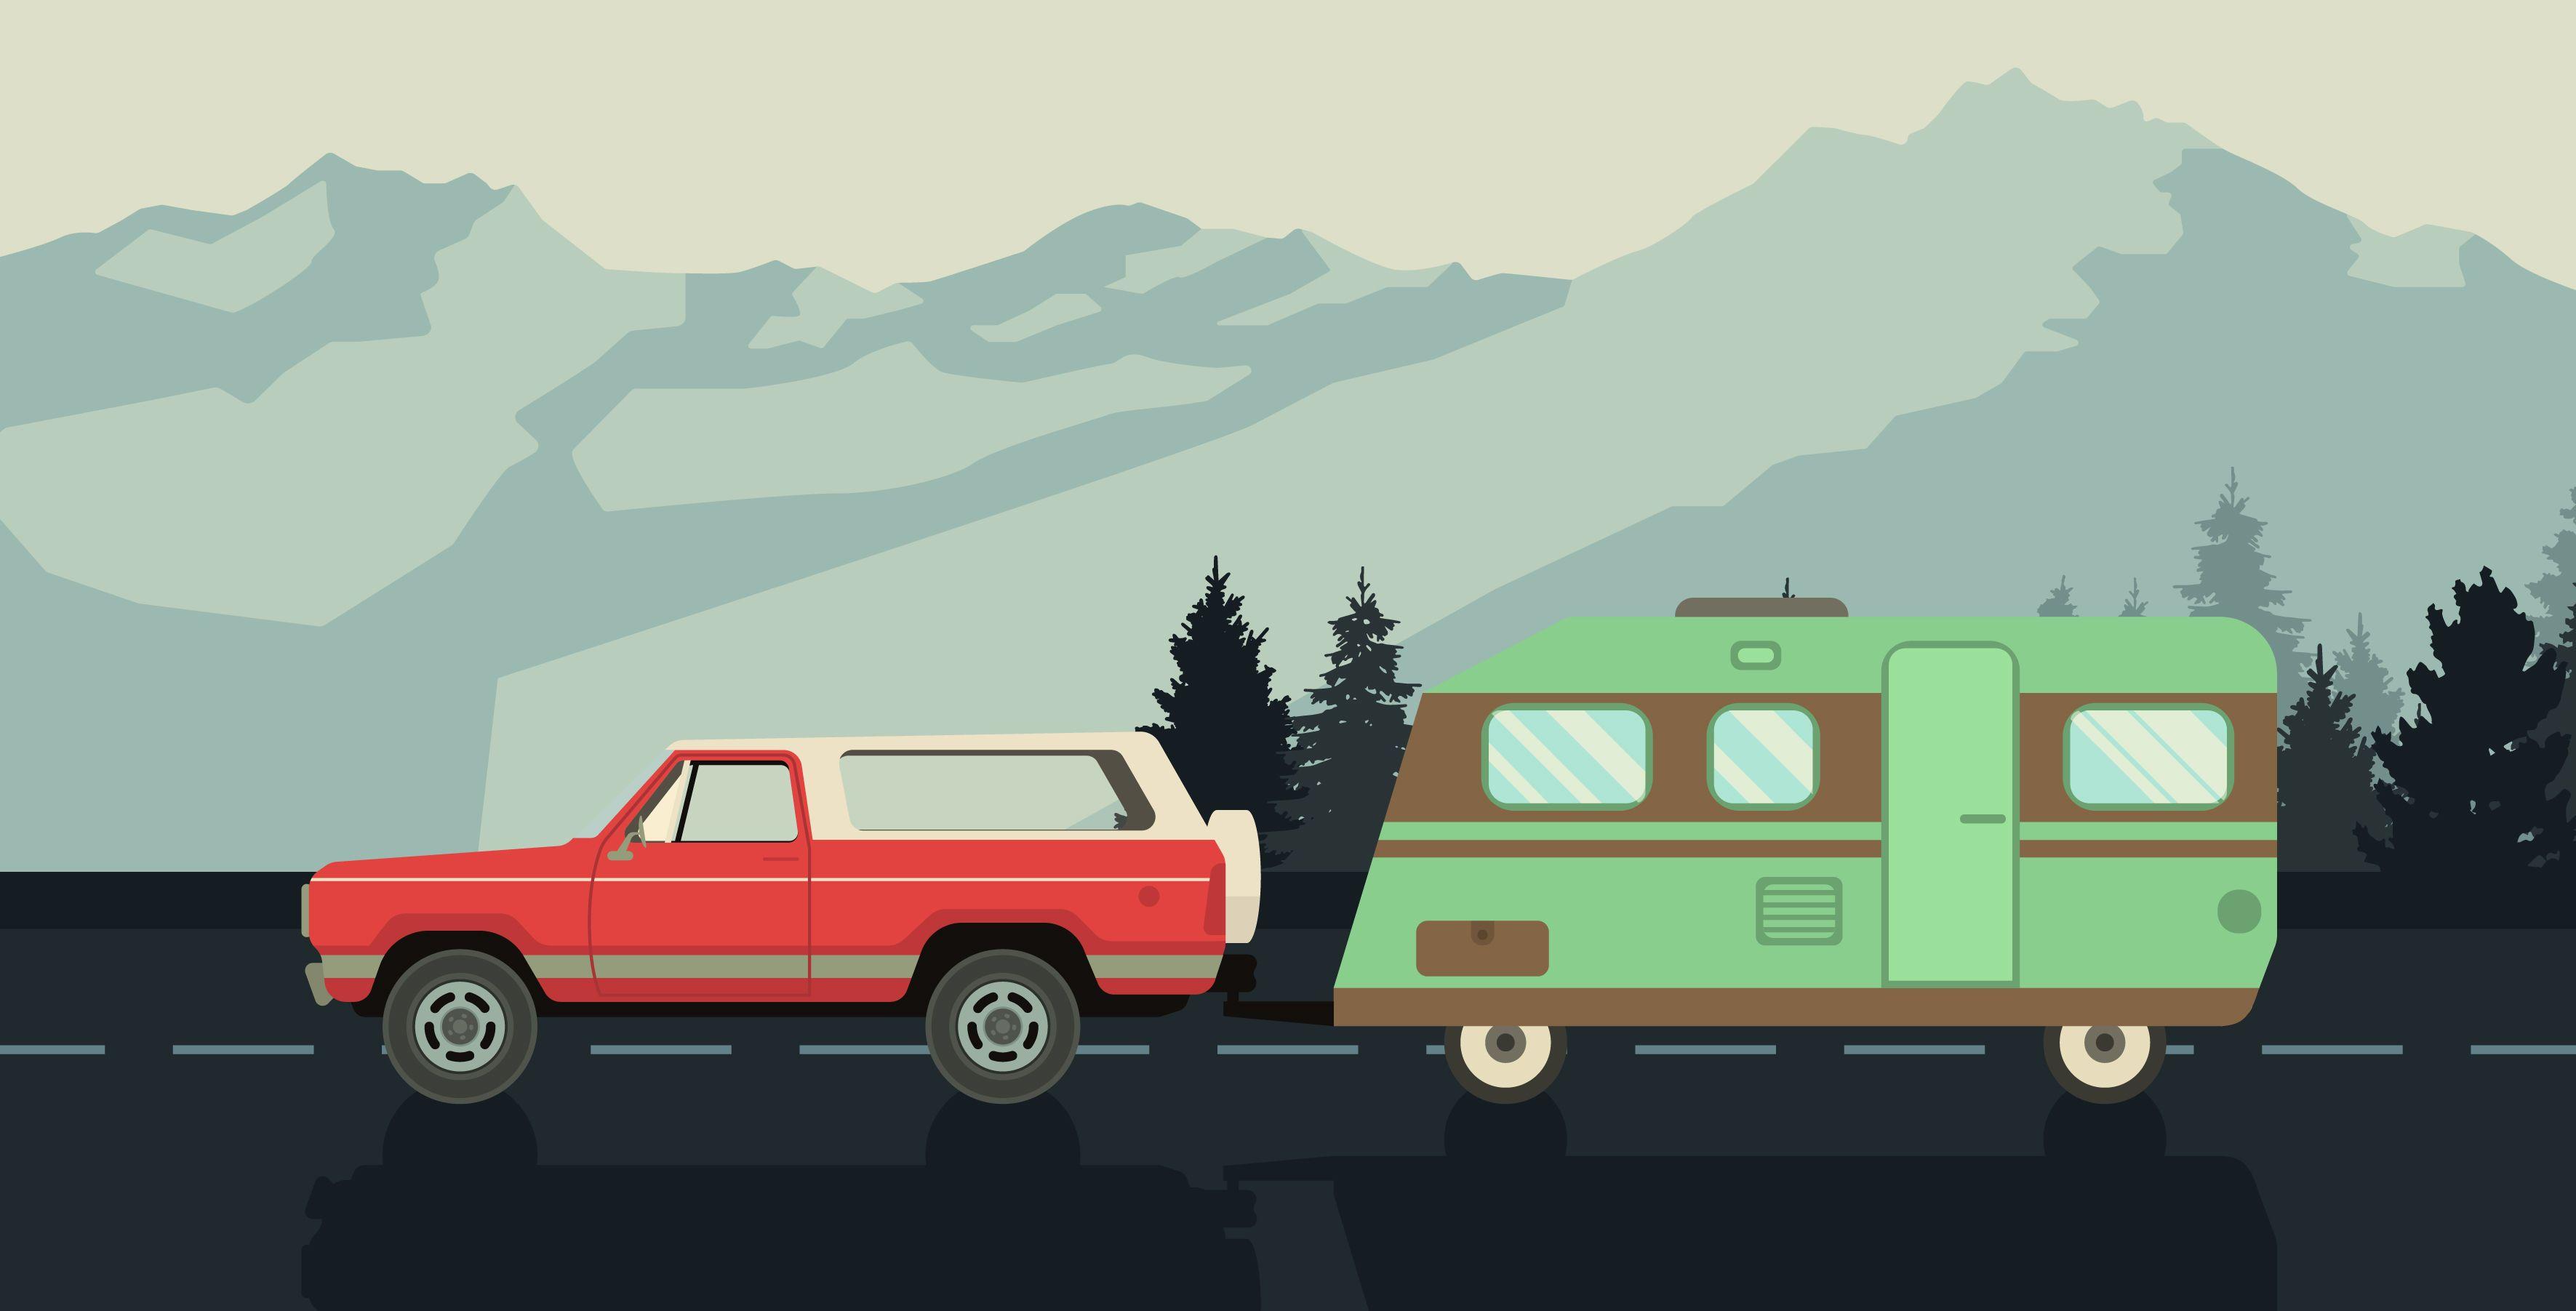 Ilustración de caravana de viaje por carretera